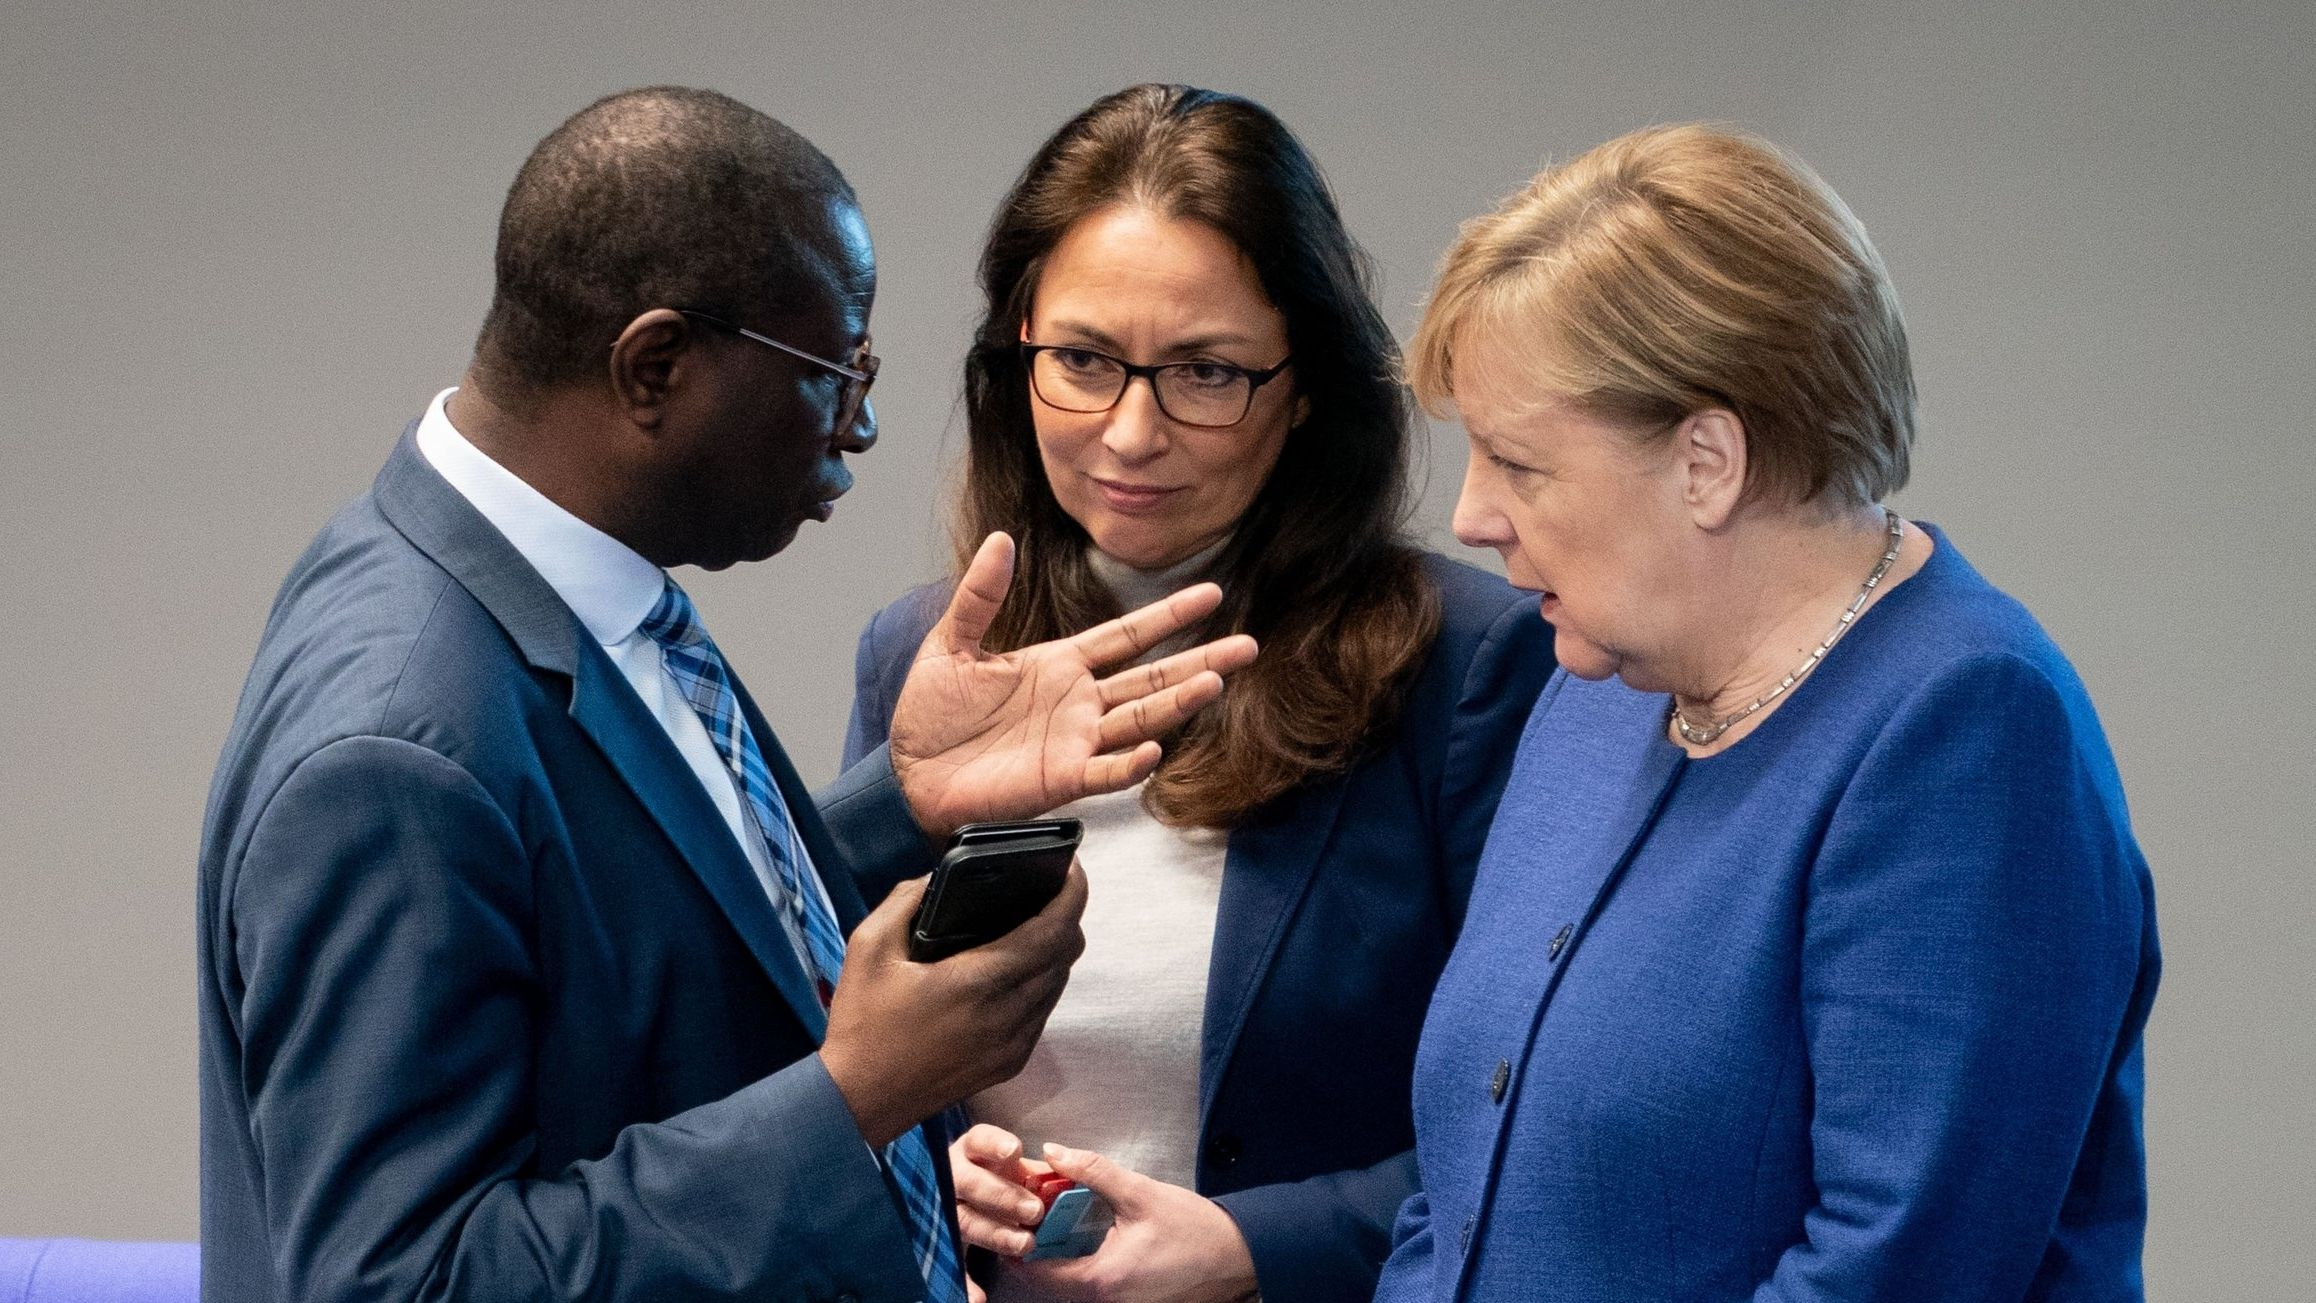 Bundeskanzlerin Angela Merkel unterhält sich bei der Sitzung des Bundestages zur Organspende mit den SPD-Bundestagsabgeordneten Karamba Diaby und Yasmin Fahimi.